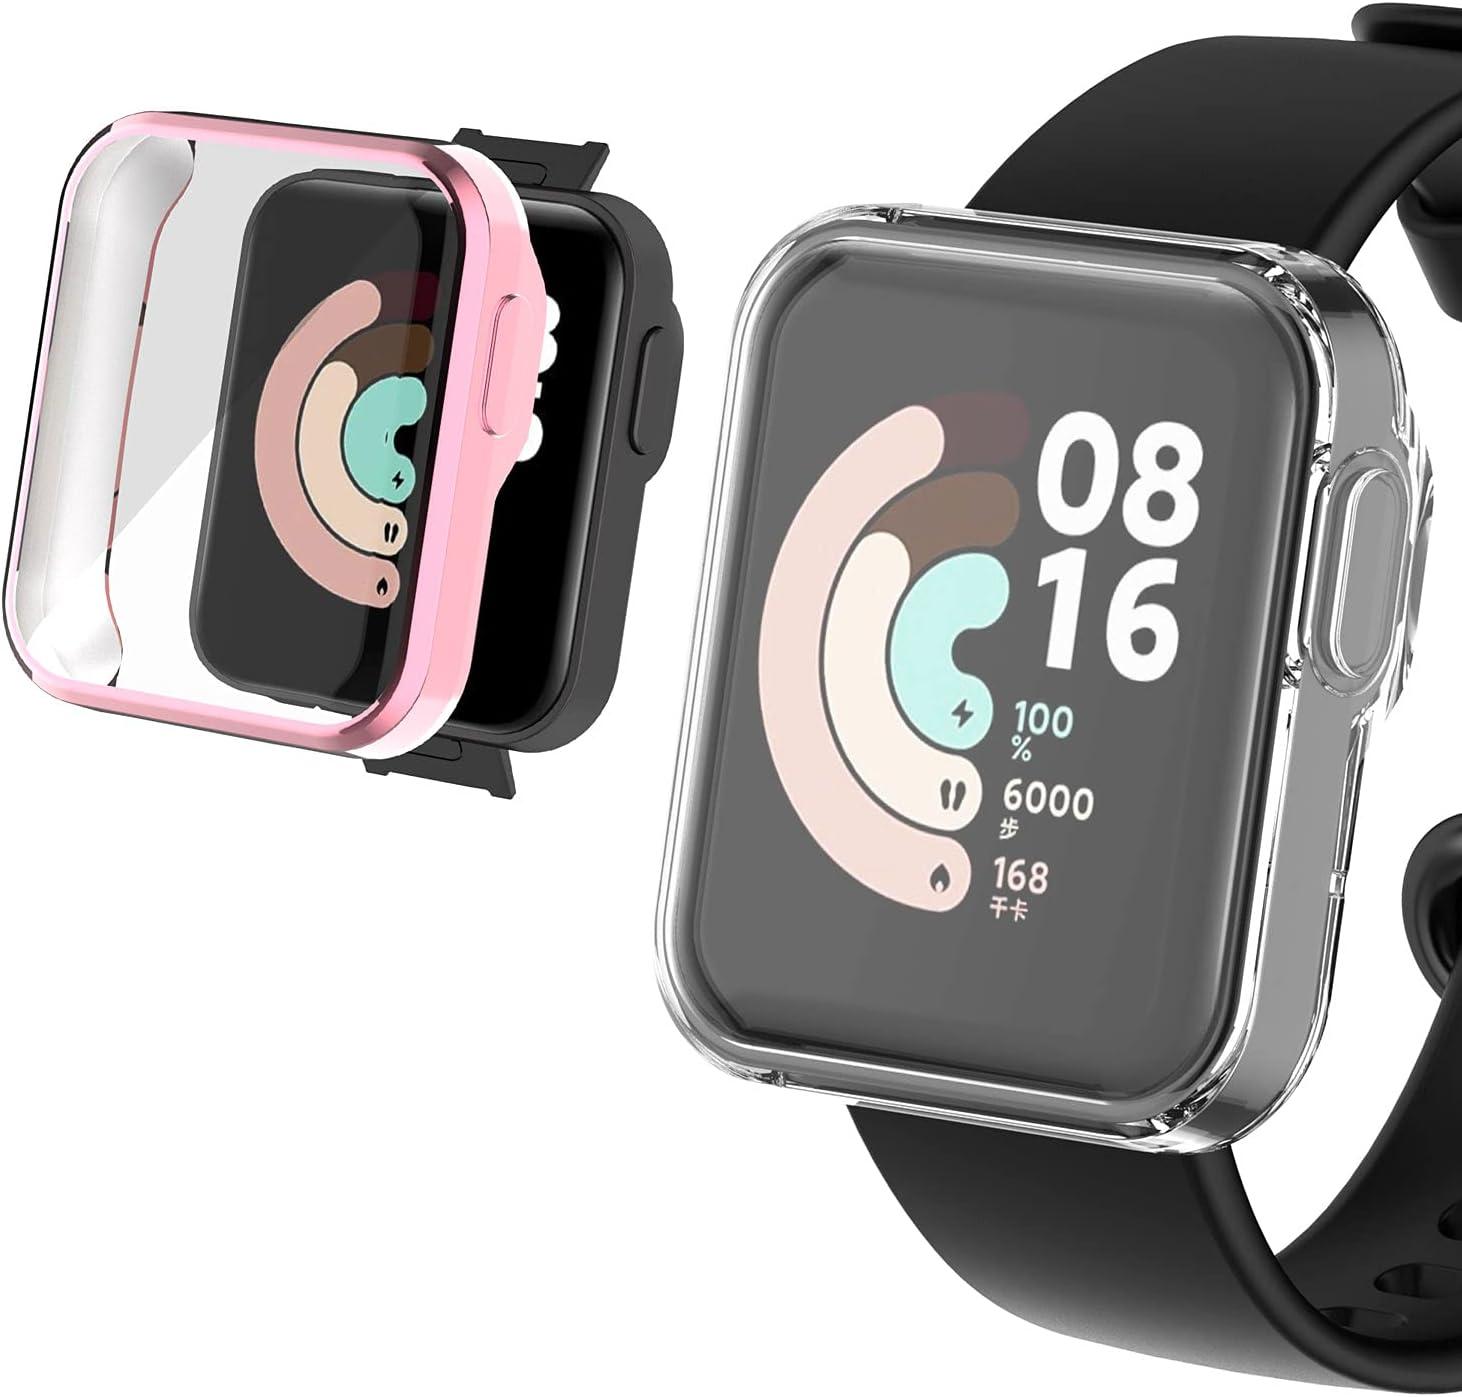 Keweni 2Piezas Funda Protectora para Xiaomi Mi Watch Lite, Funda Protectora Antiarañazos de Silicona Suave TPU para Xiaomi Mi Watch Lite (Transparente+rosa)